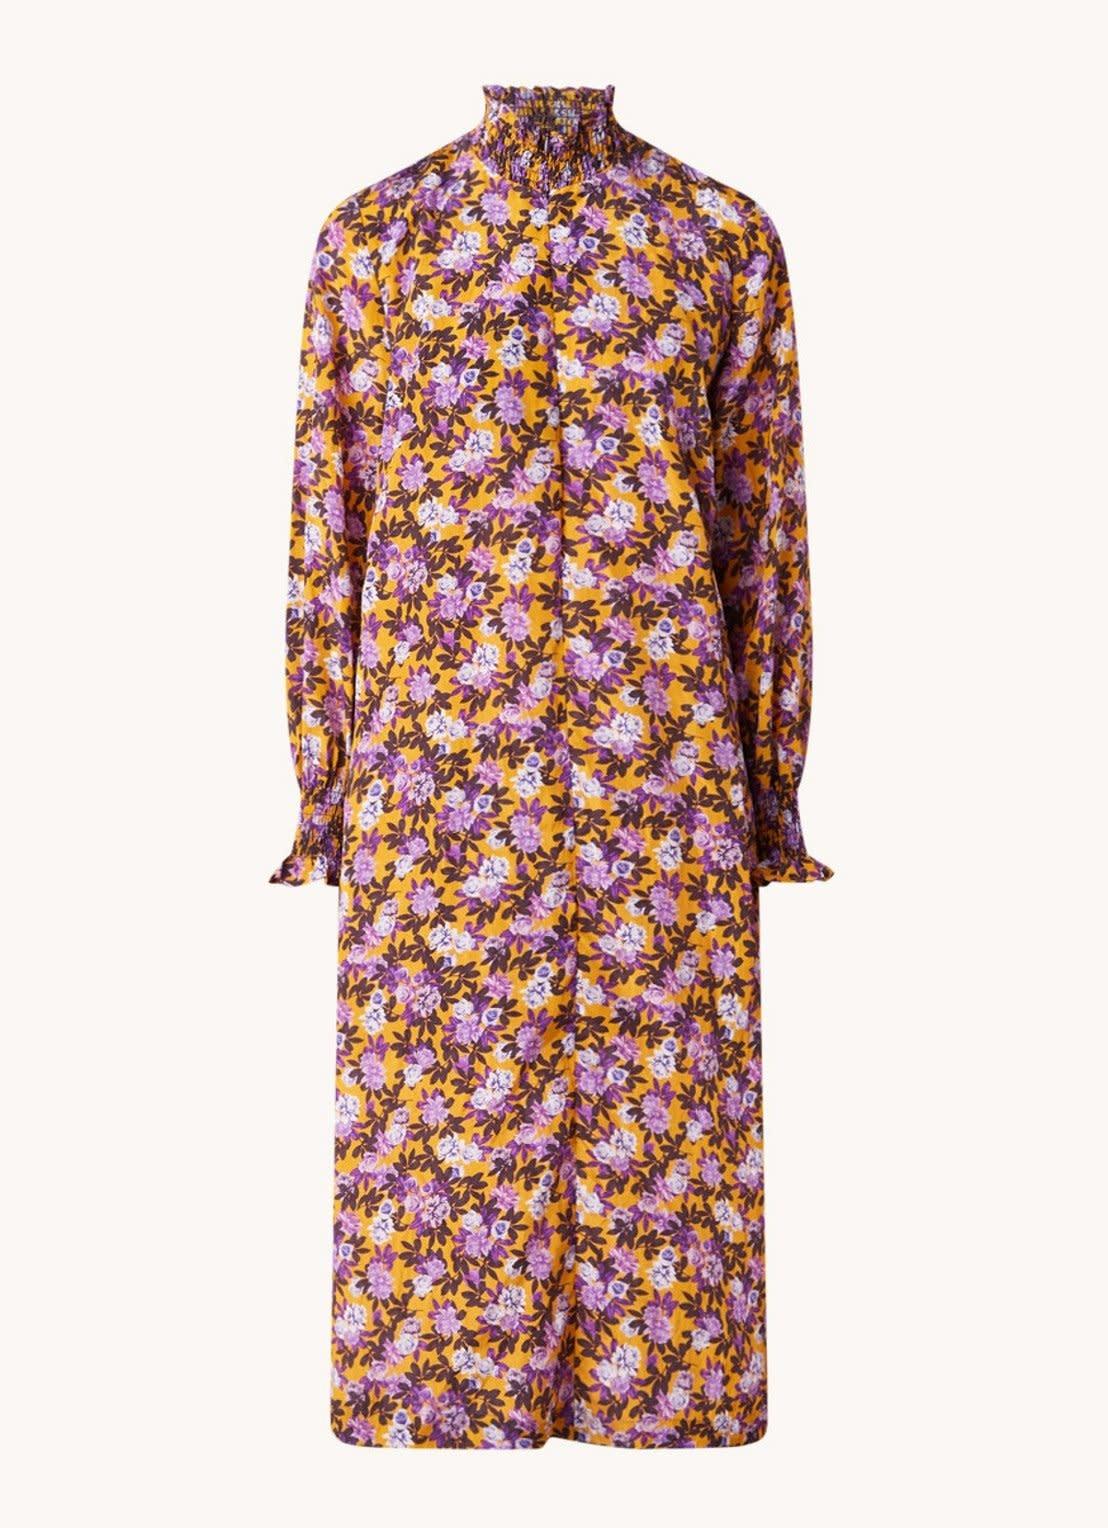 Anamay dress-1